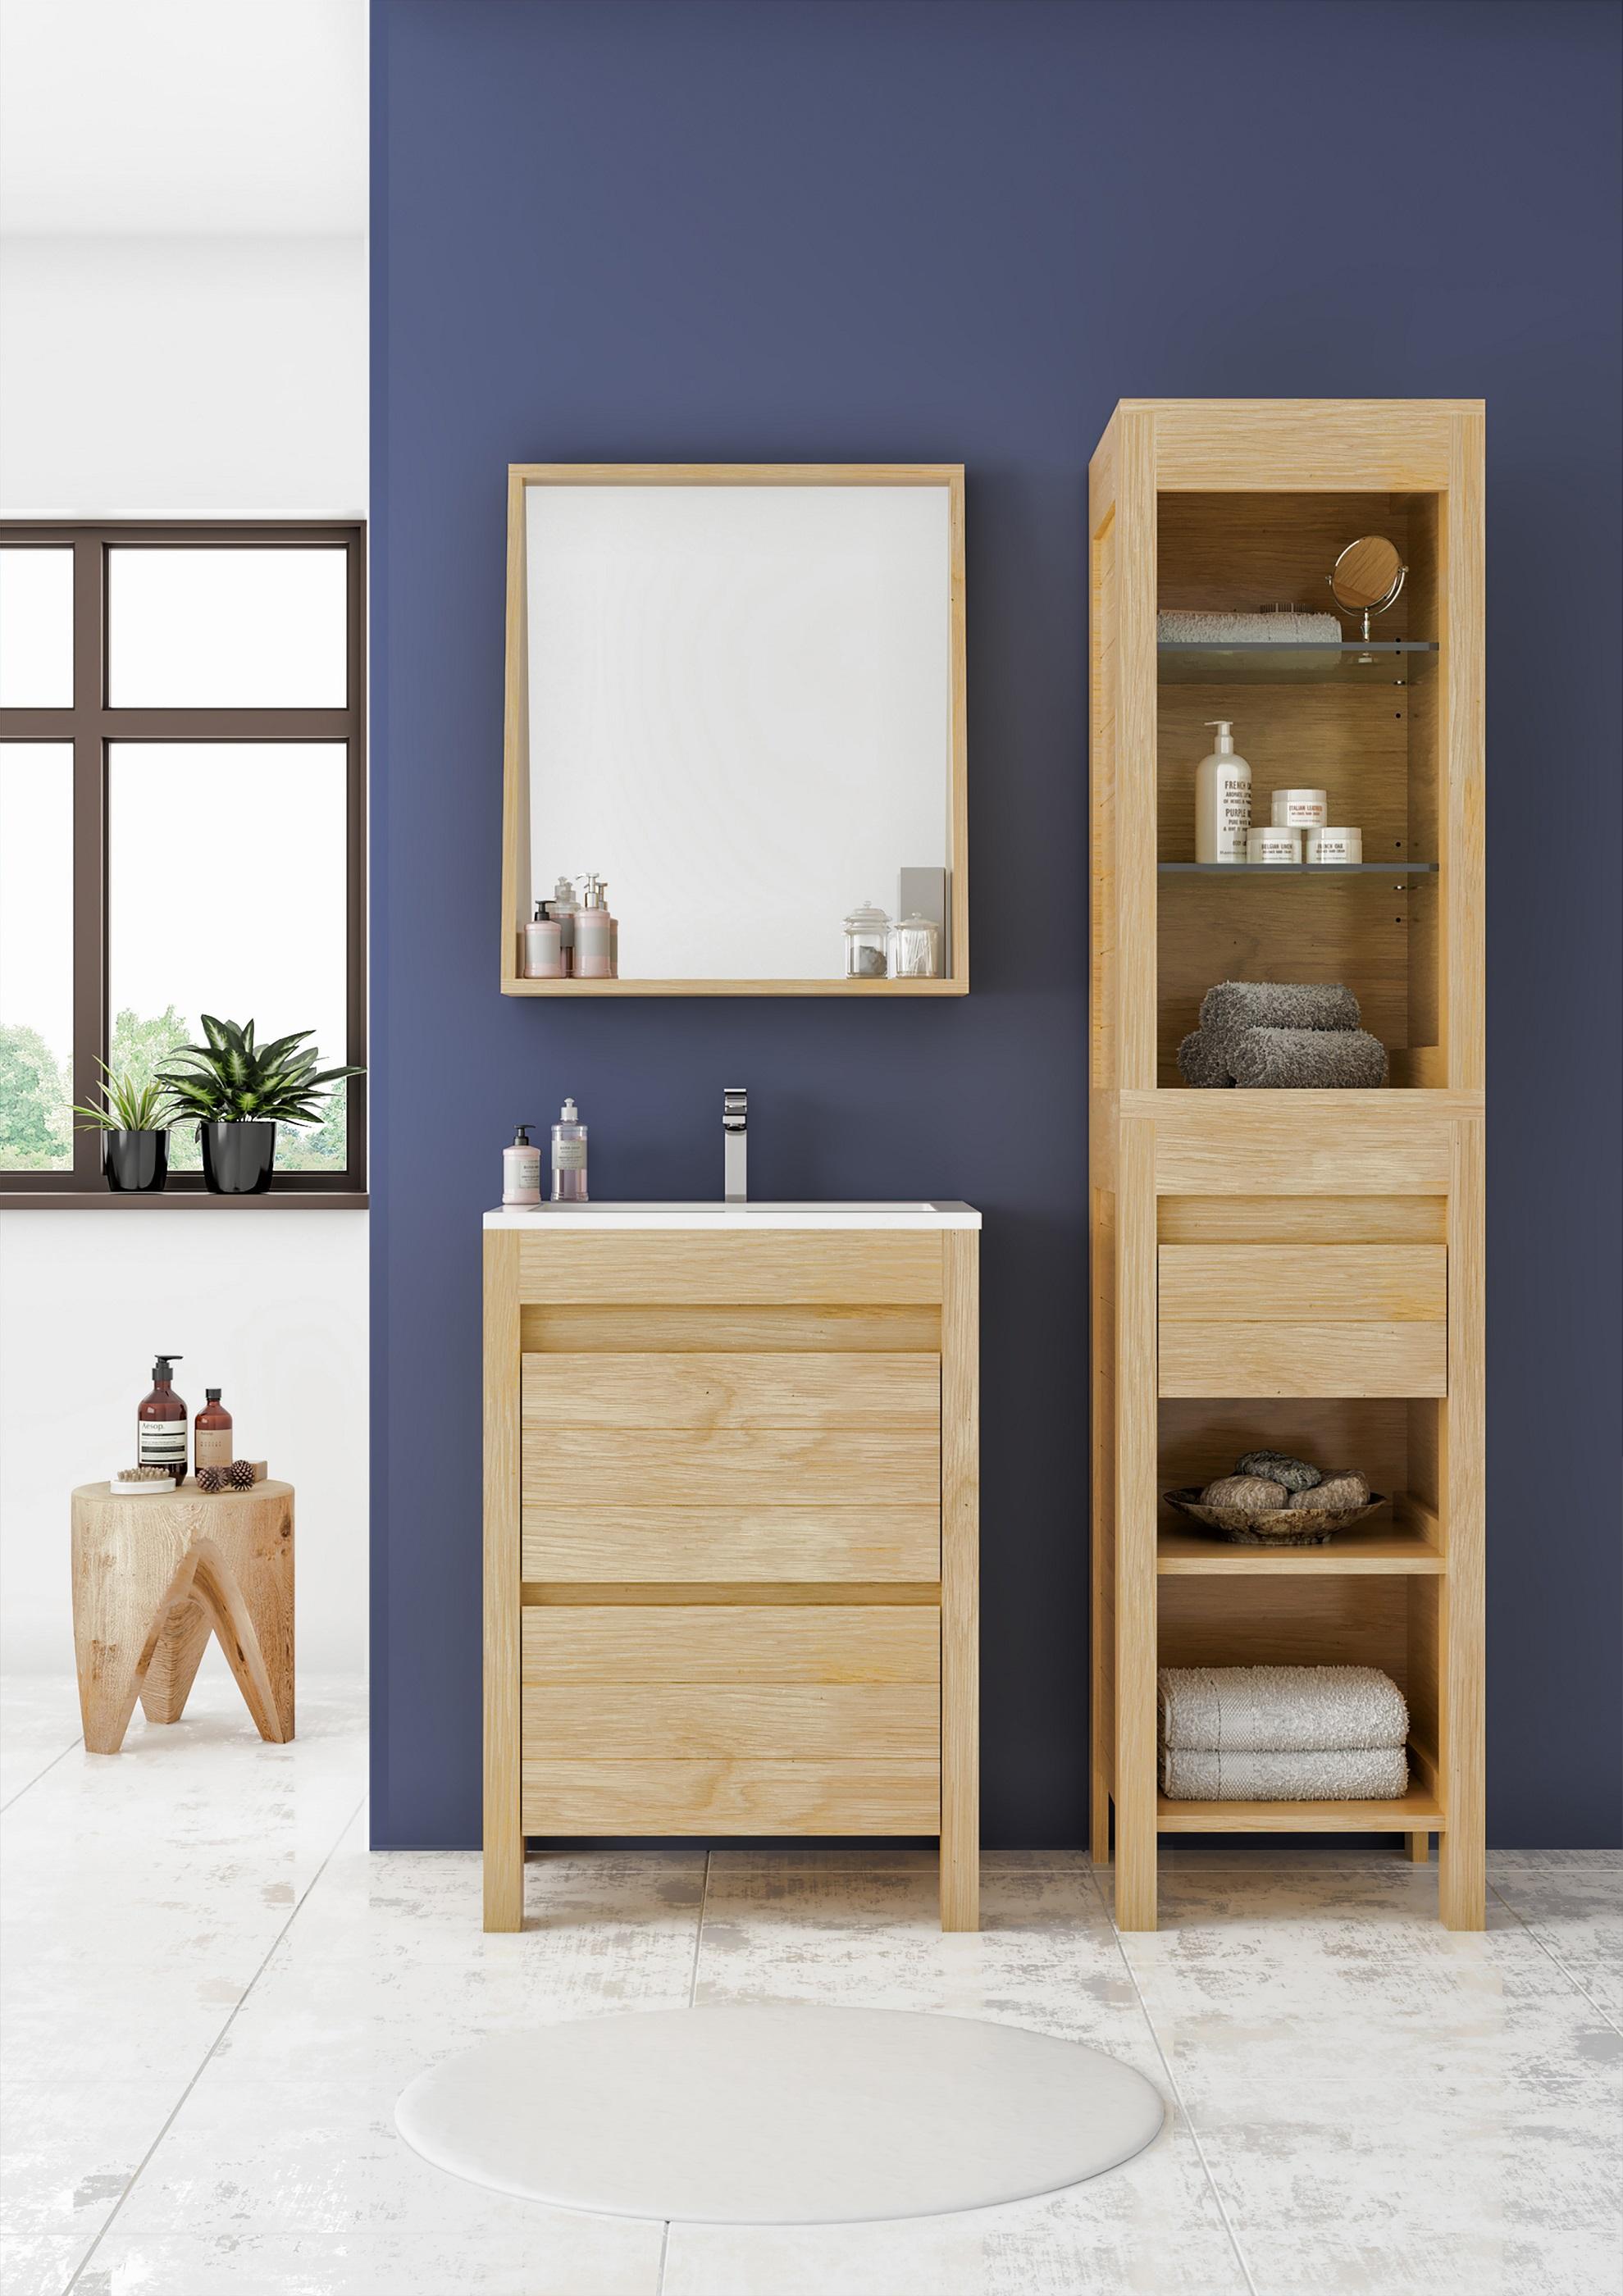 Badmöbel Set Unterschrank 60 cm Waschbecken Spiegel vormontiert Eiche ALLIBERT